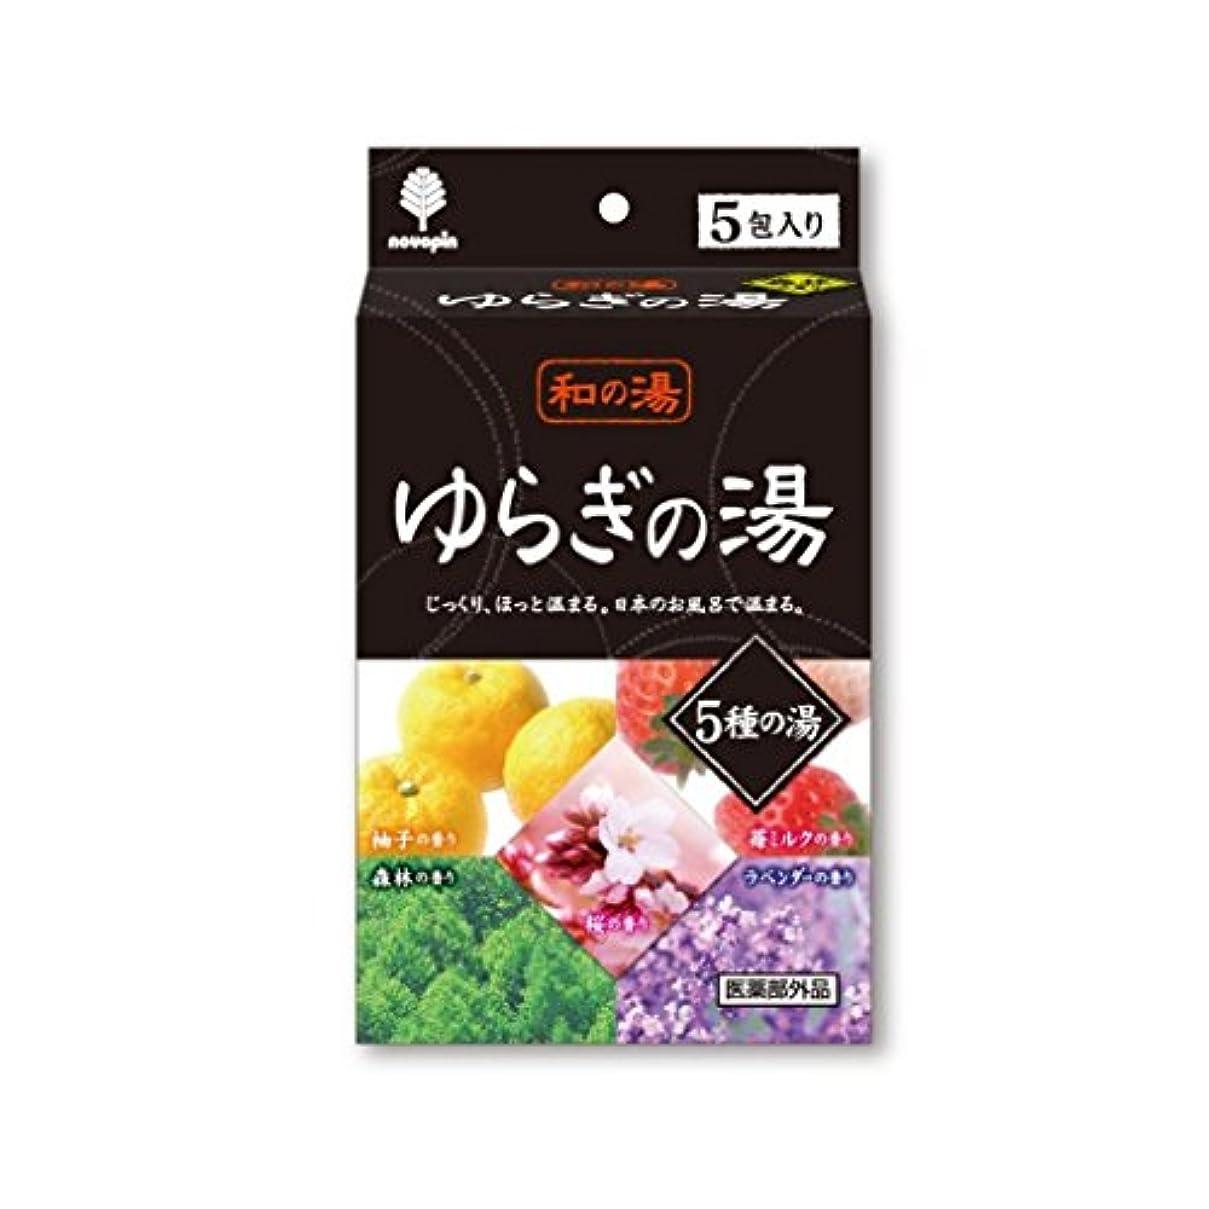 アテンダント最適クリア紀陽除虫菊 日本製 Japan 和の湯 ゆらぎの湯 5種の湯 25g×5包入 【まとめ買い10個セット】